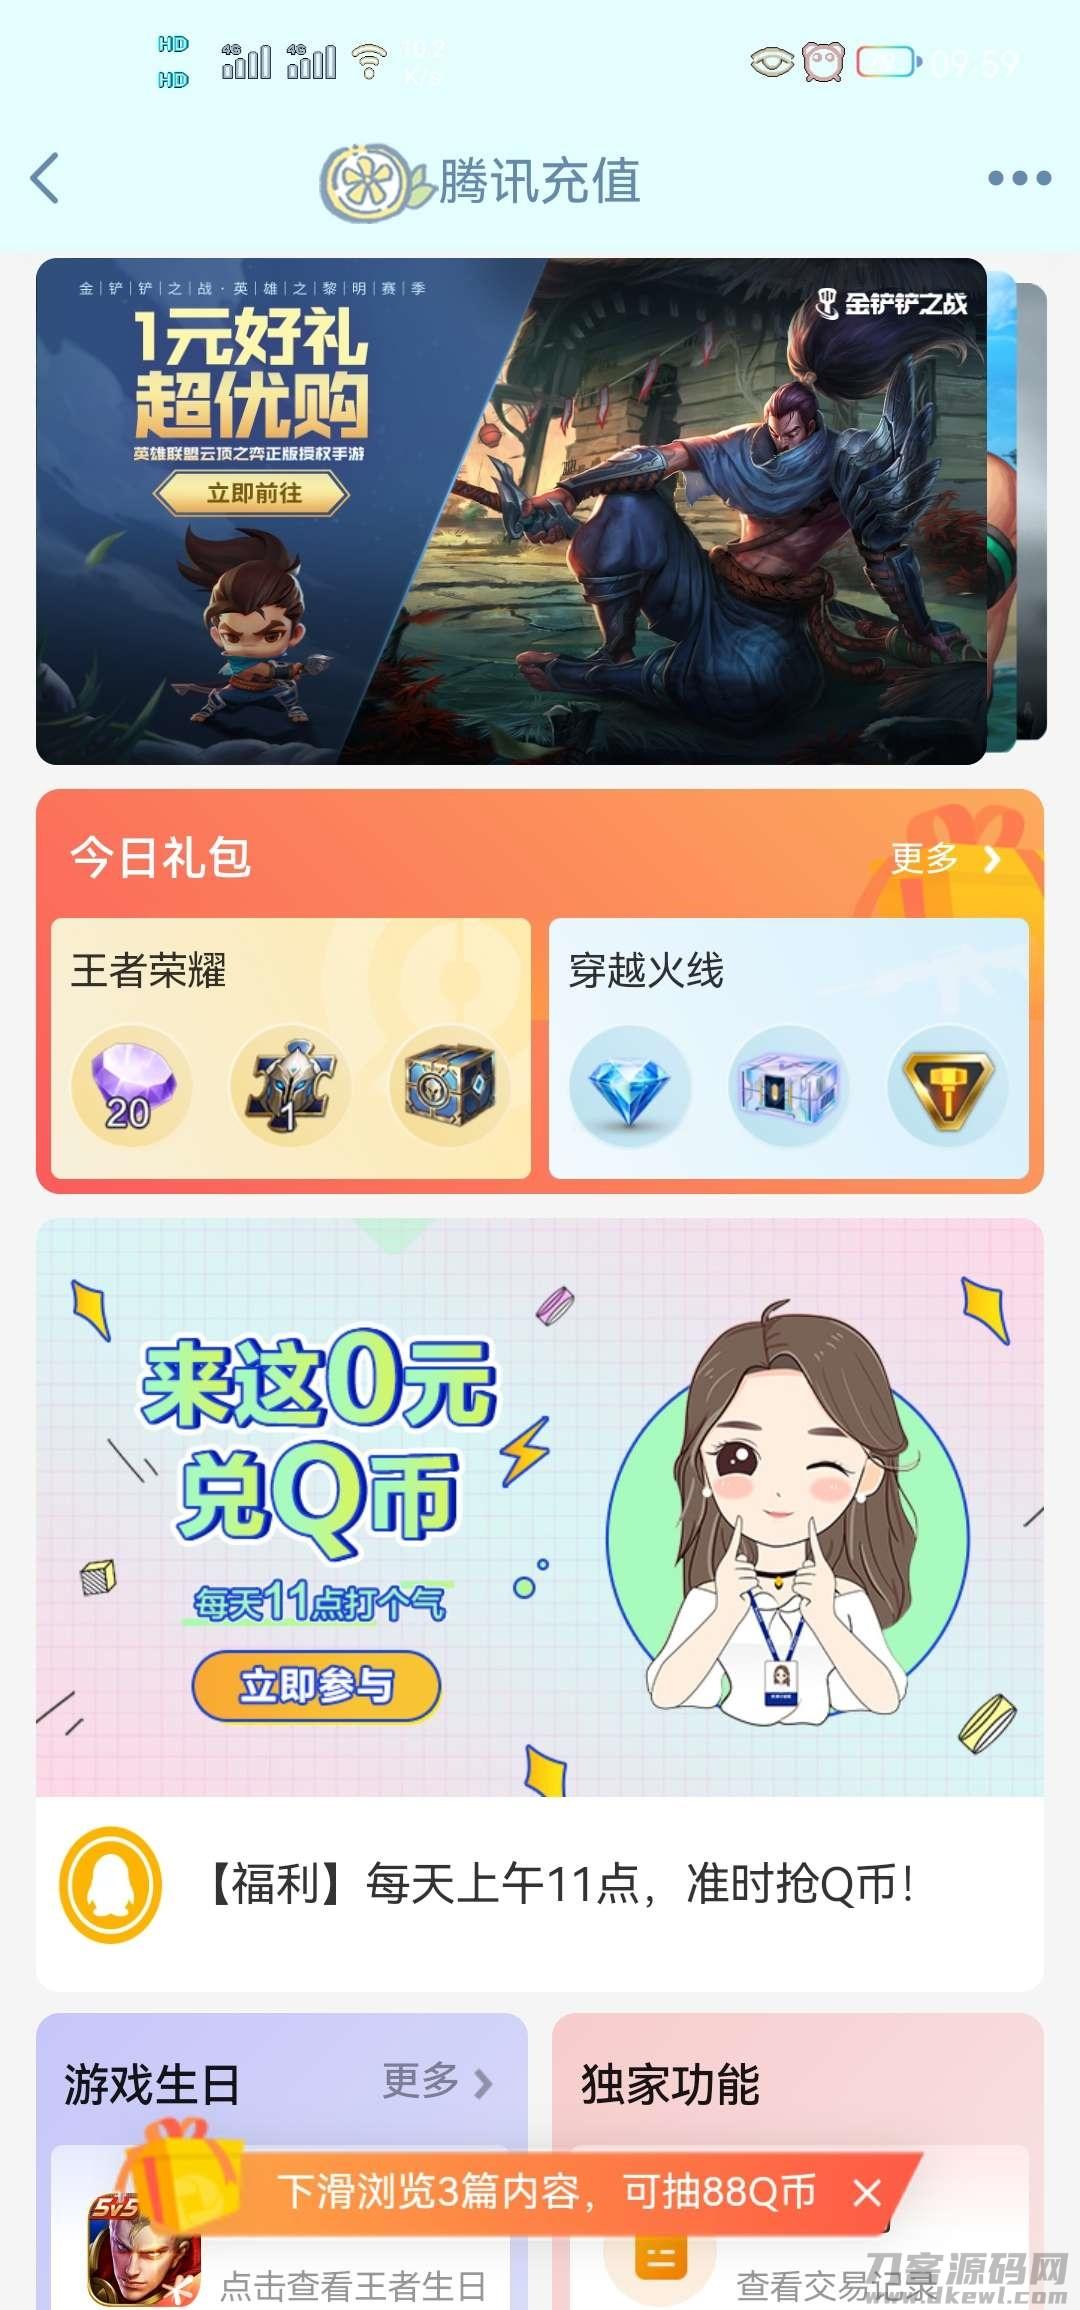 【虚拟商品】QQ钱夹访问內容抽Q币插图2